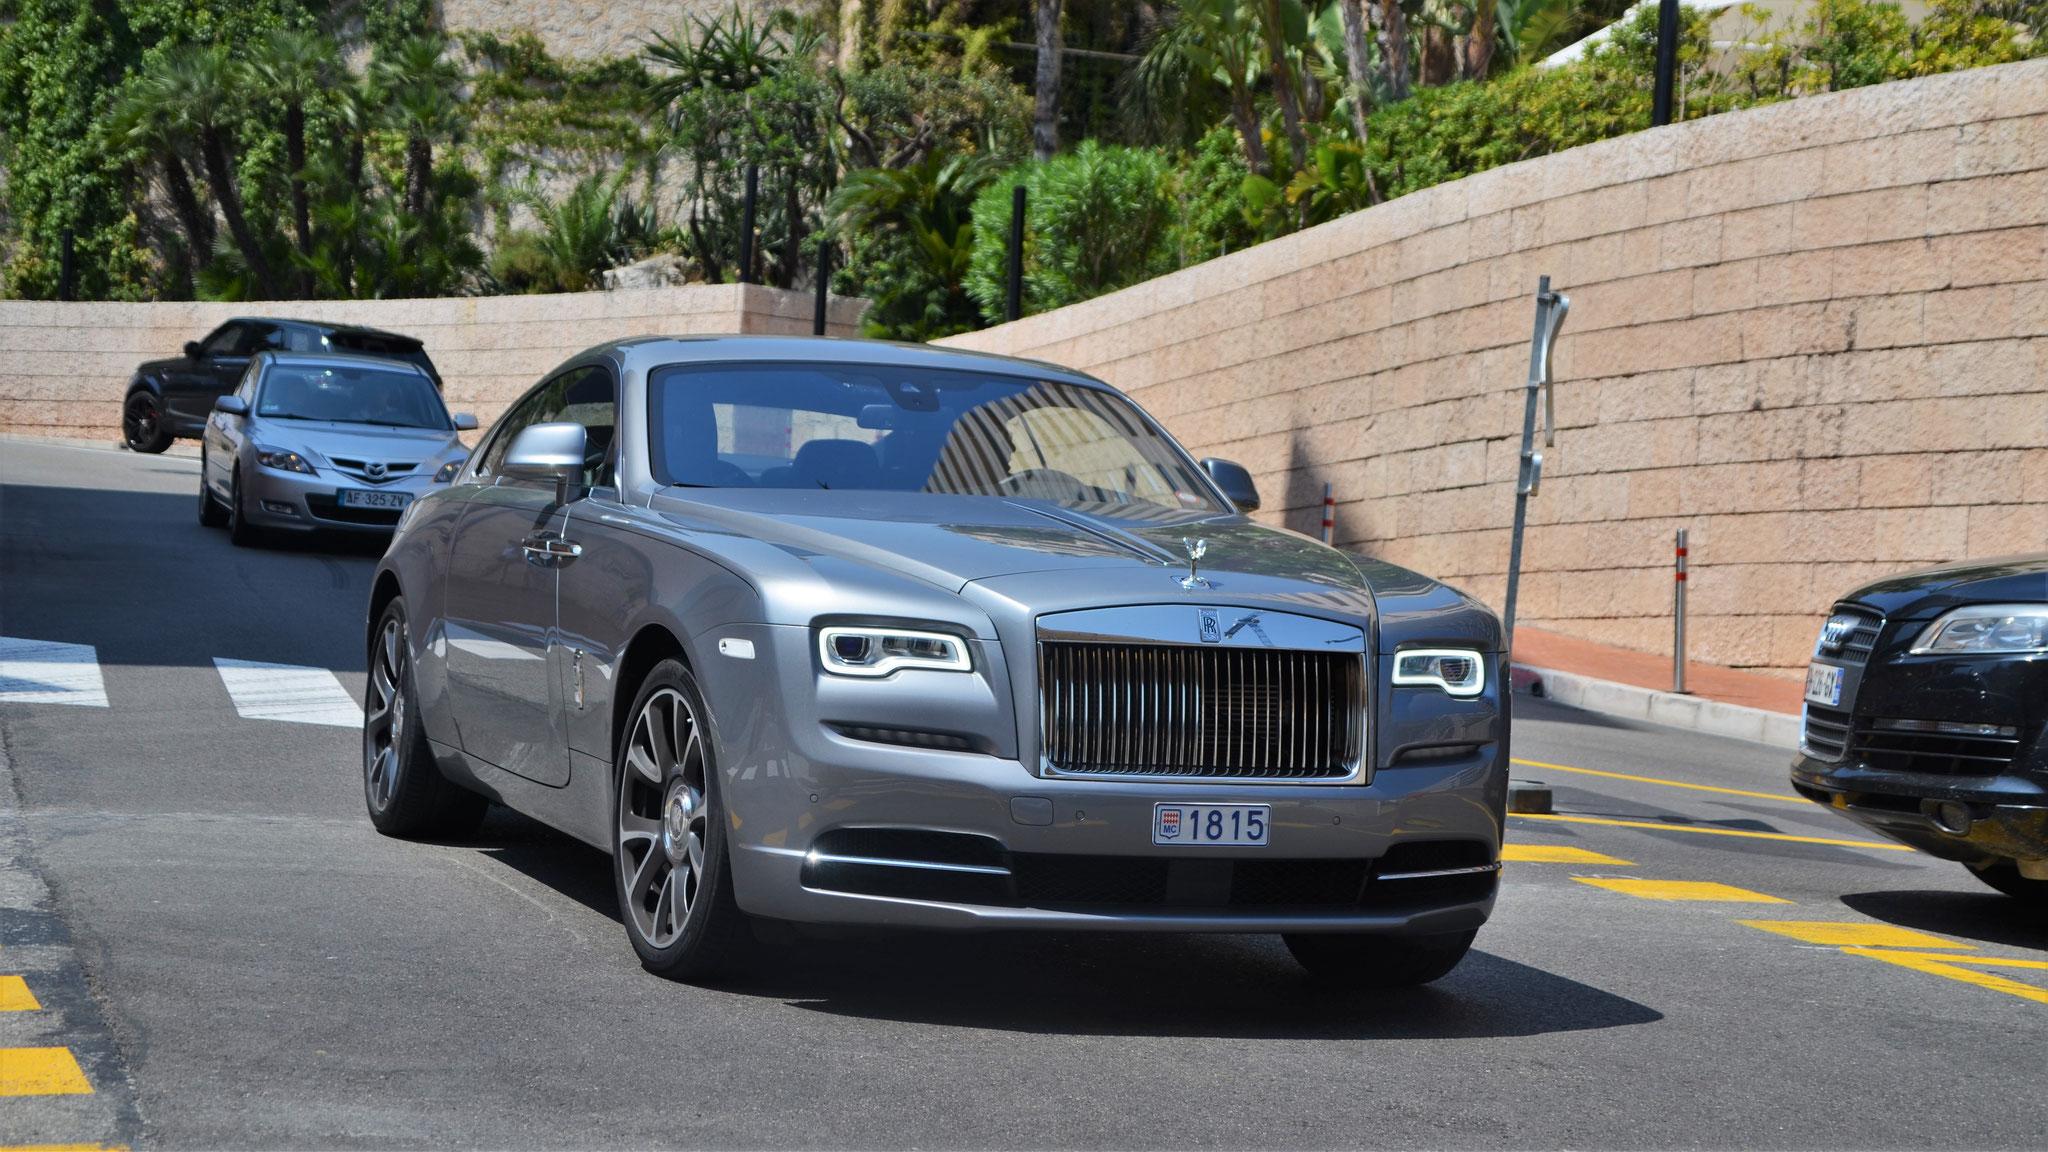 Rolls Royce Wraith - 1815 (MC)